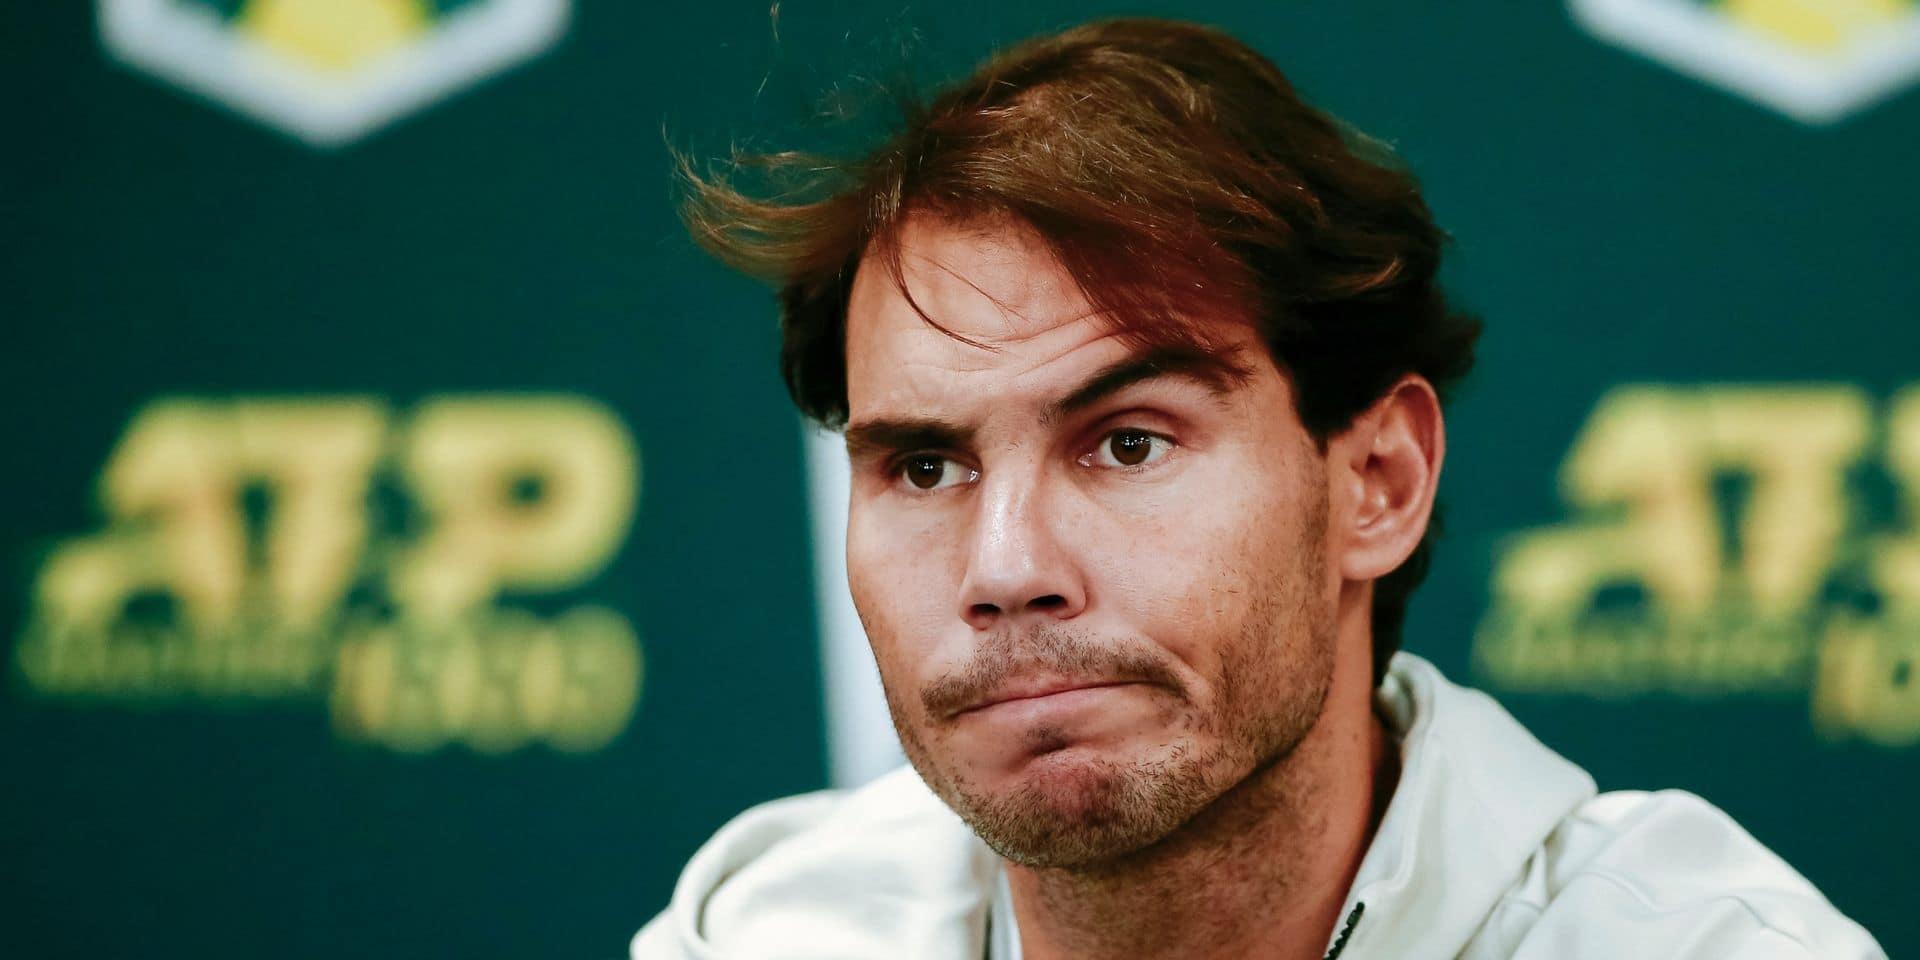 Rafael Nadal subit des critiques concernant son académie de tennis, le Parti Populaire espagnol lance une campagne de soutien